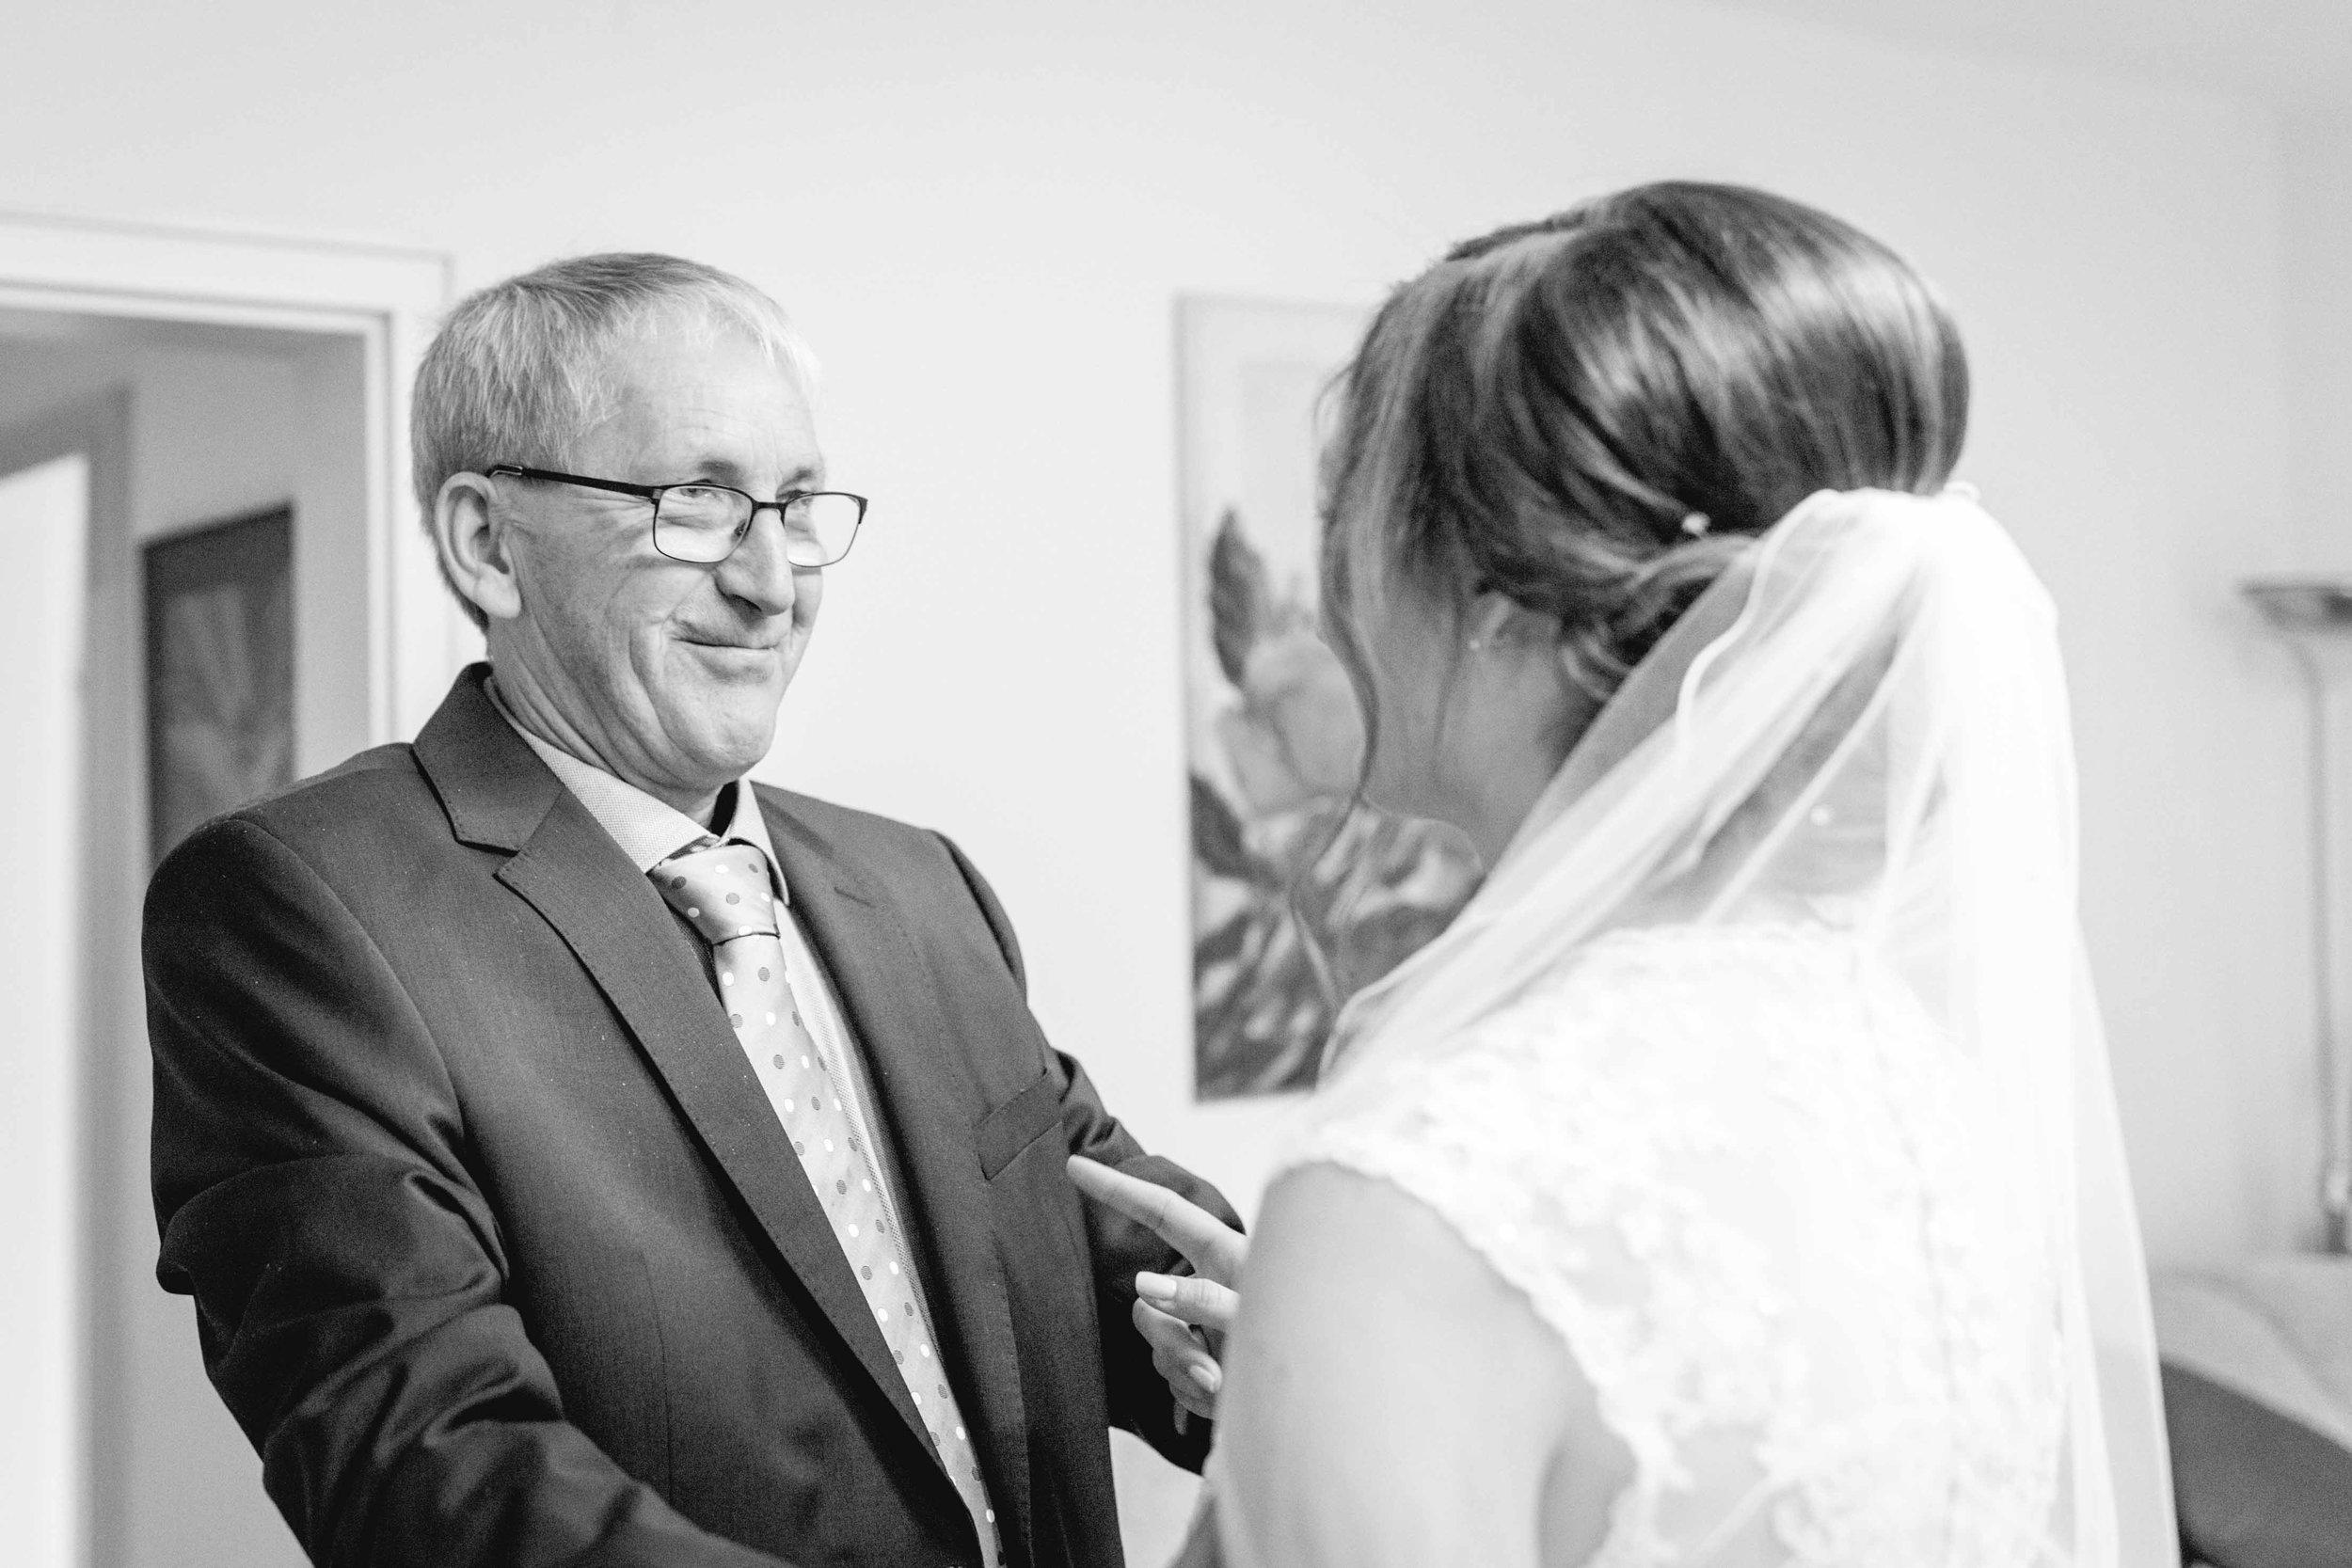 Hochzeit - Tatjana & Tobias - web-22.jpg